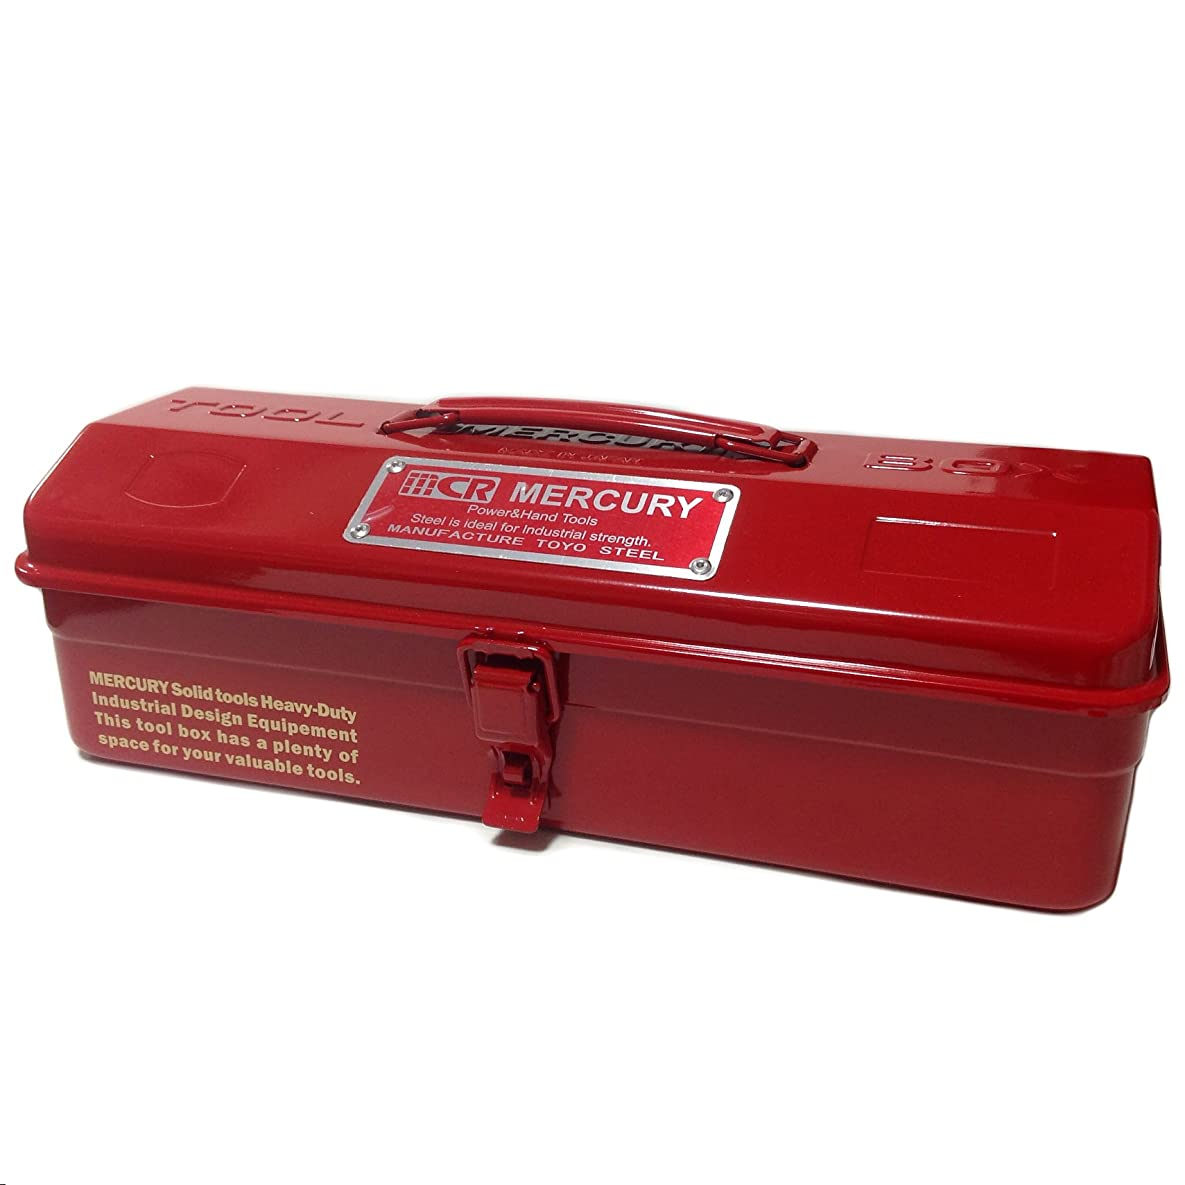 回復珍しい安定MERCURY マーキュリー アメリカン ツールボックス (レッド) 工具箱 収納ボックス ツールケース アメリカン雑貨 アメリカ 雑貨 世田谷ベース DIY グッズ